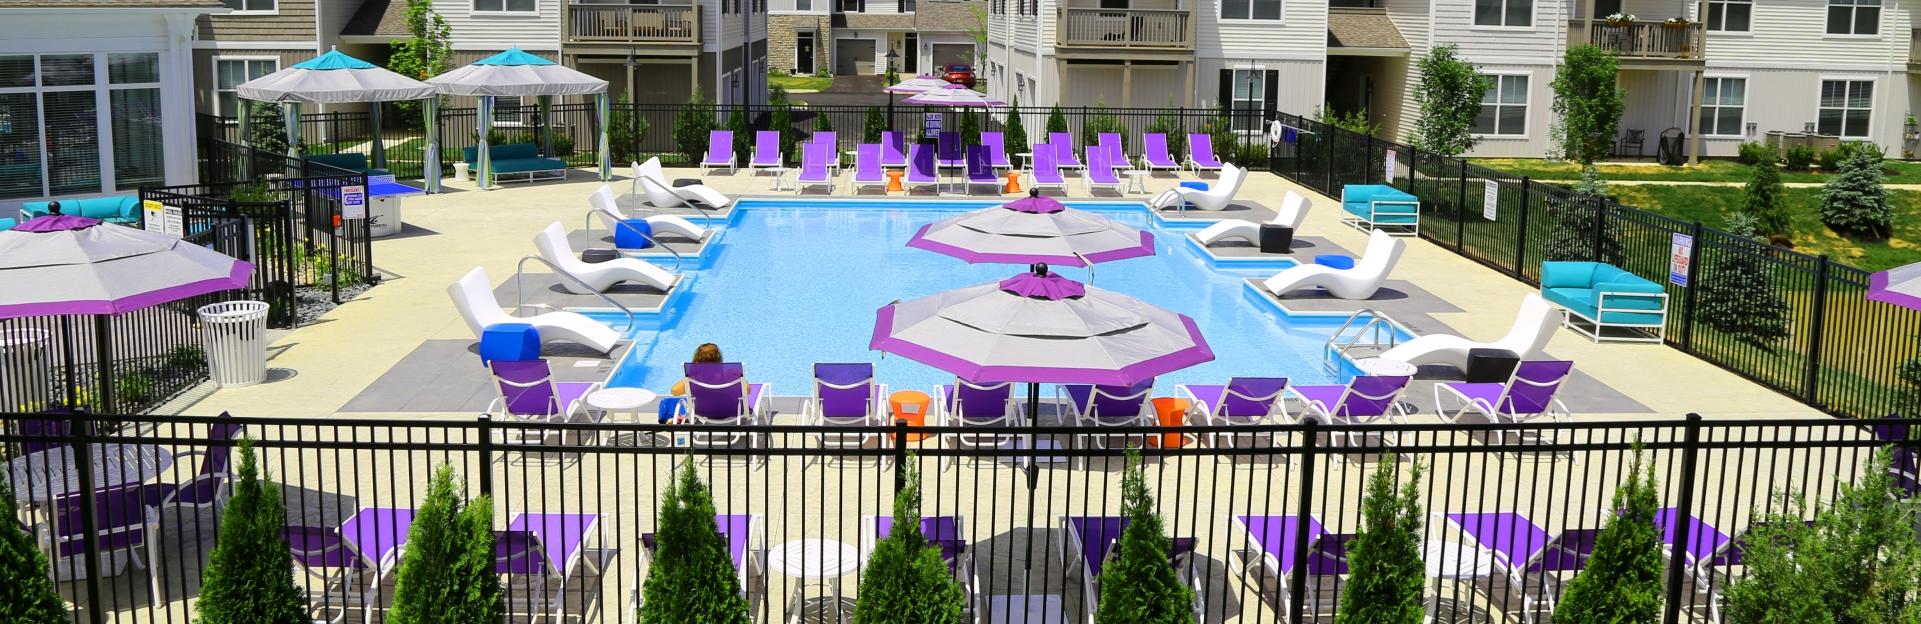 Grand at Polaris Pool